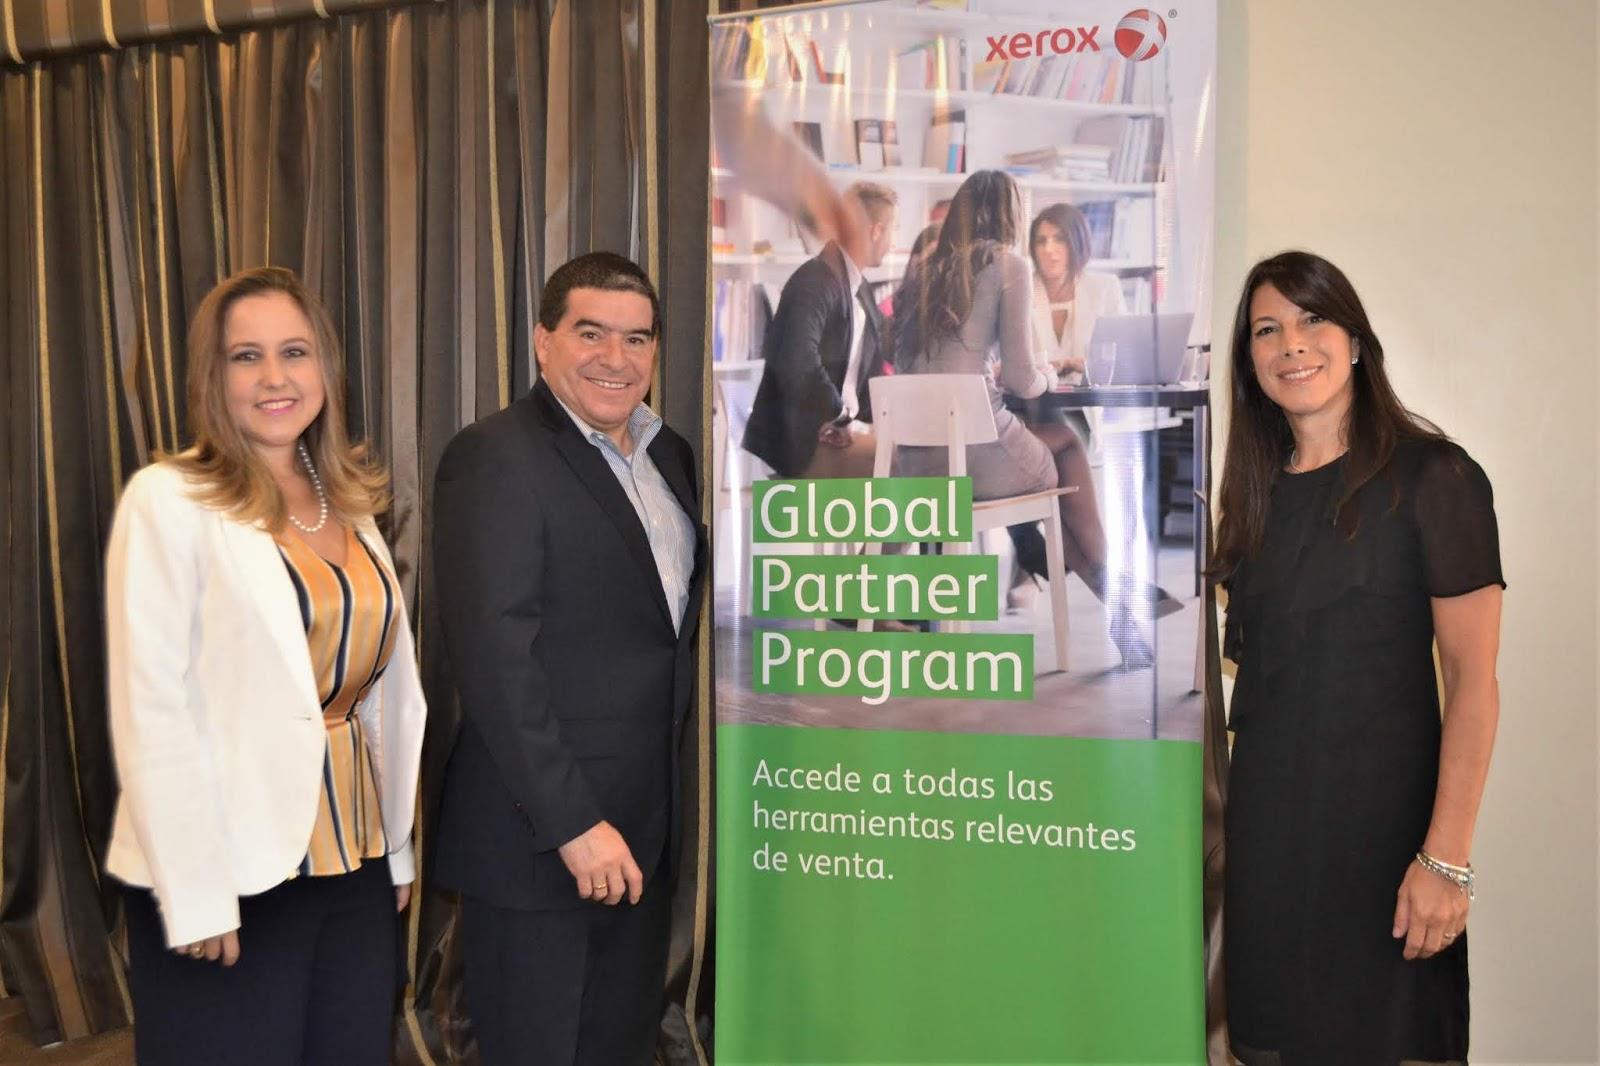 Xerox ayuda a sus Socios Globales